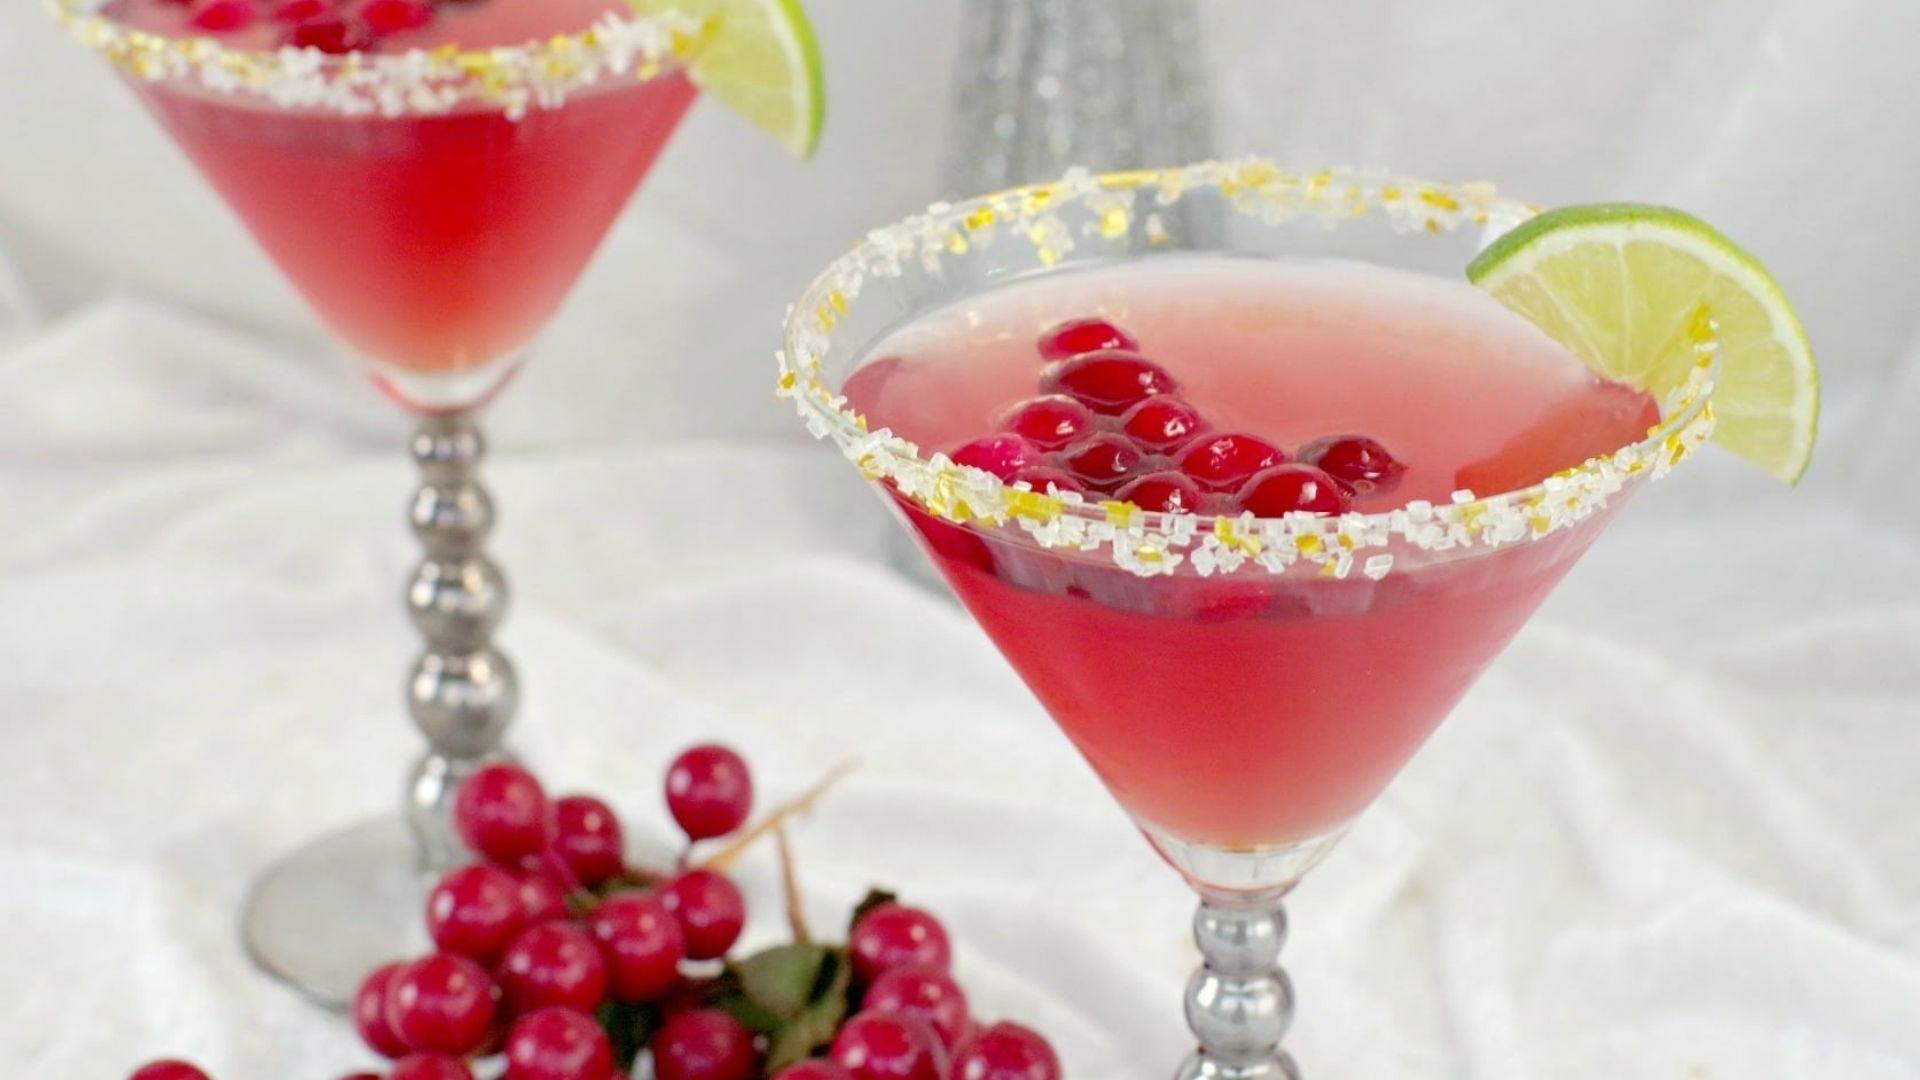 Martini glasses holding non-alcoholic Cosmopolitans